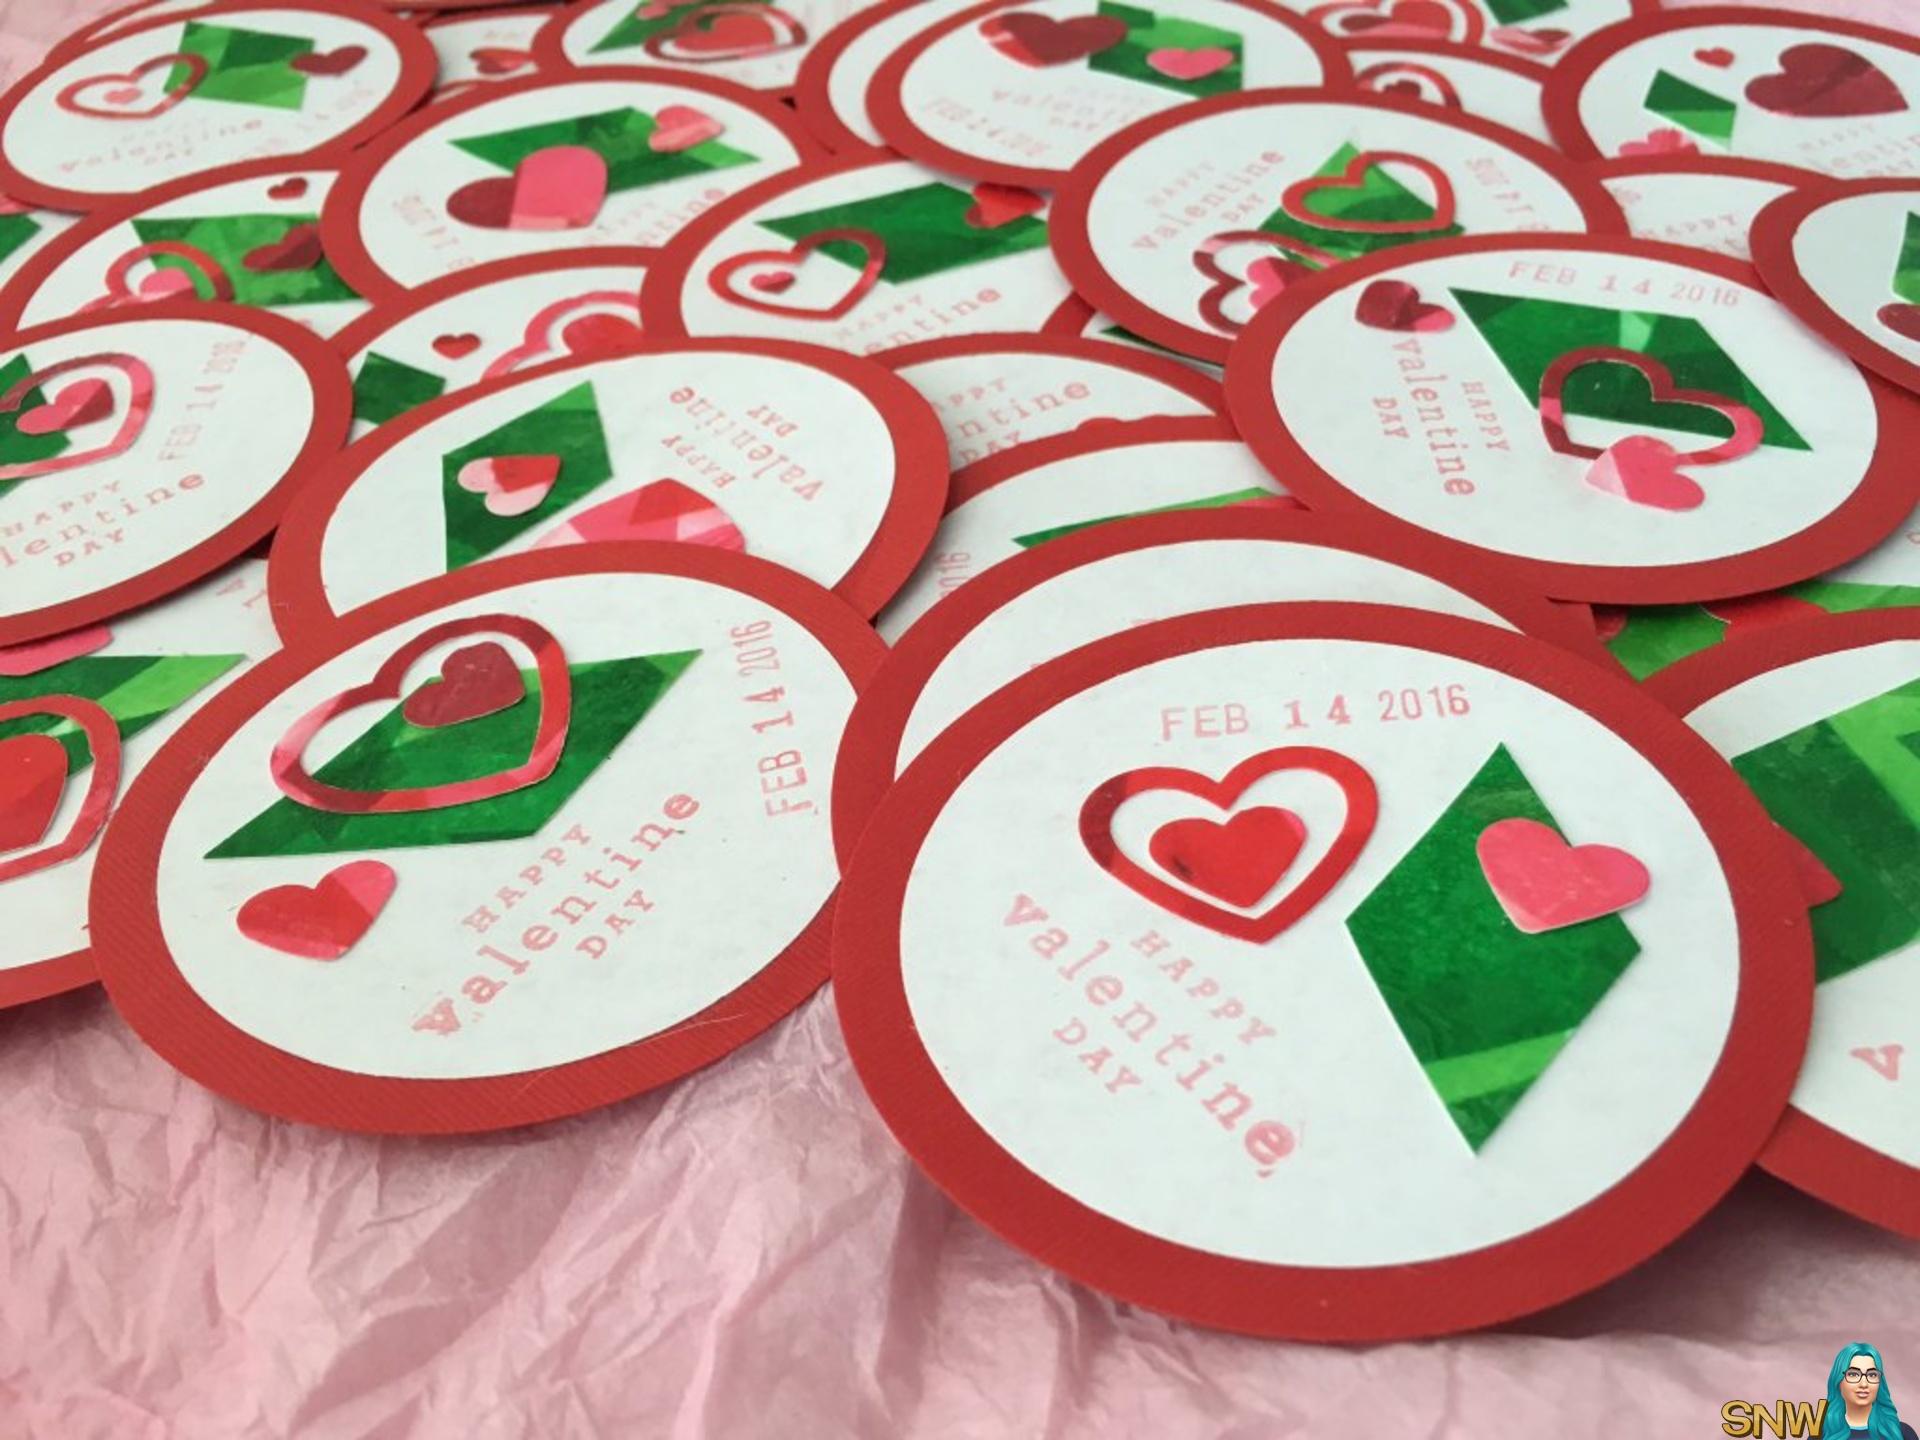 SimGuruRiley's Valentine's Day crafts